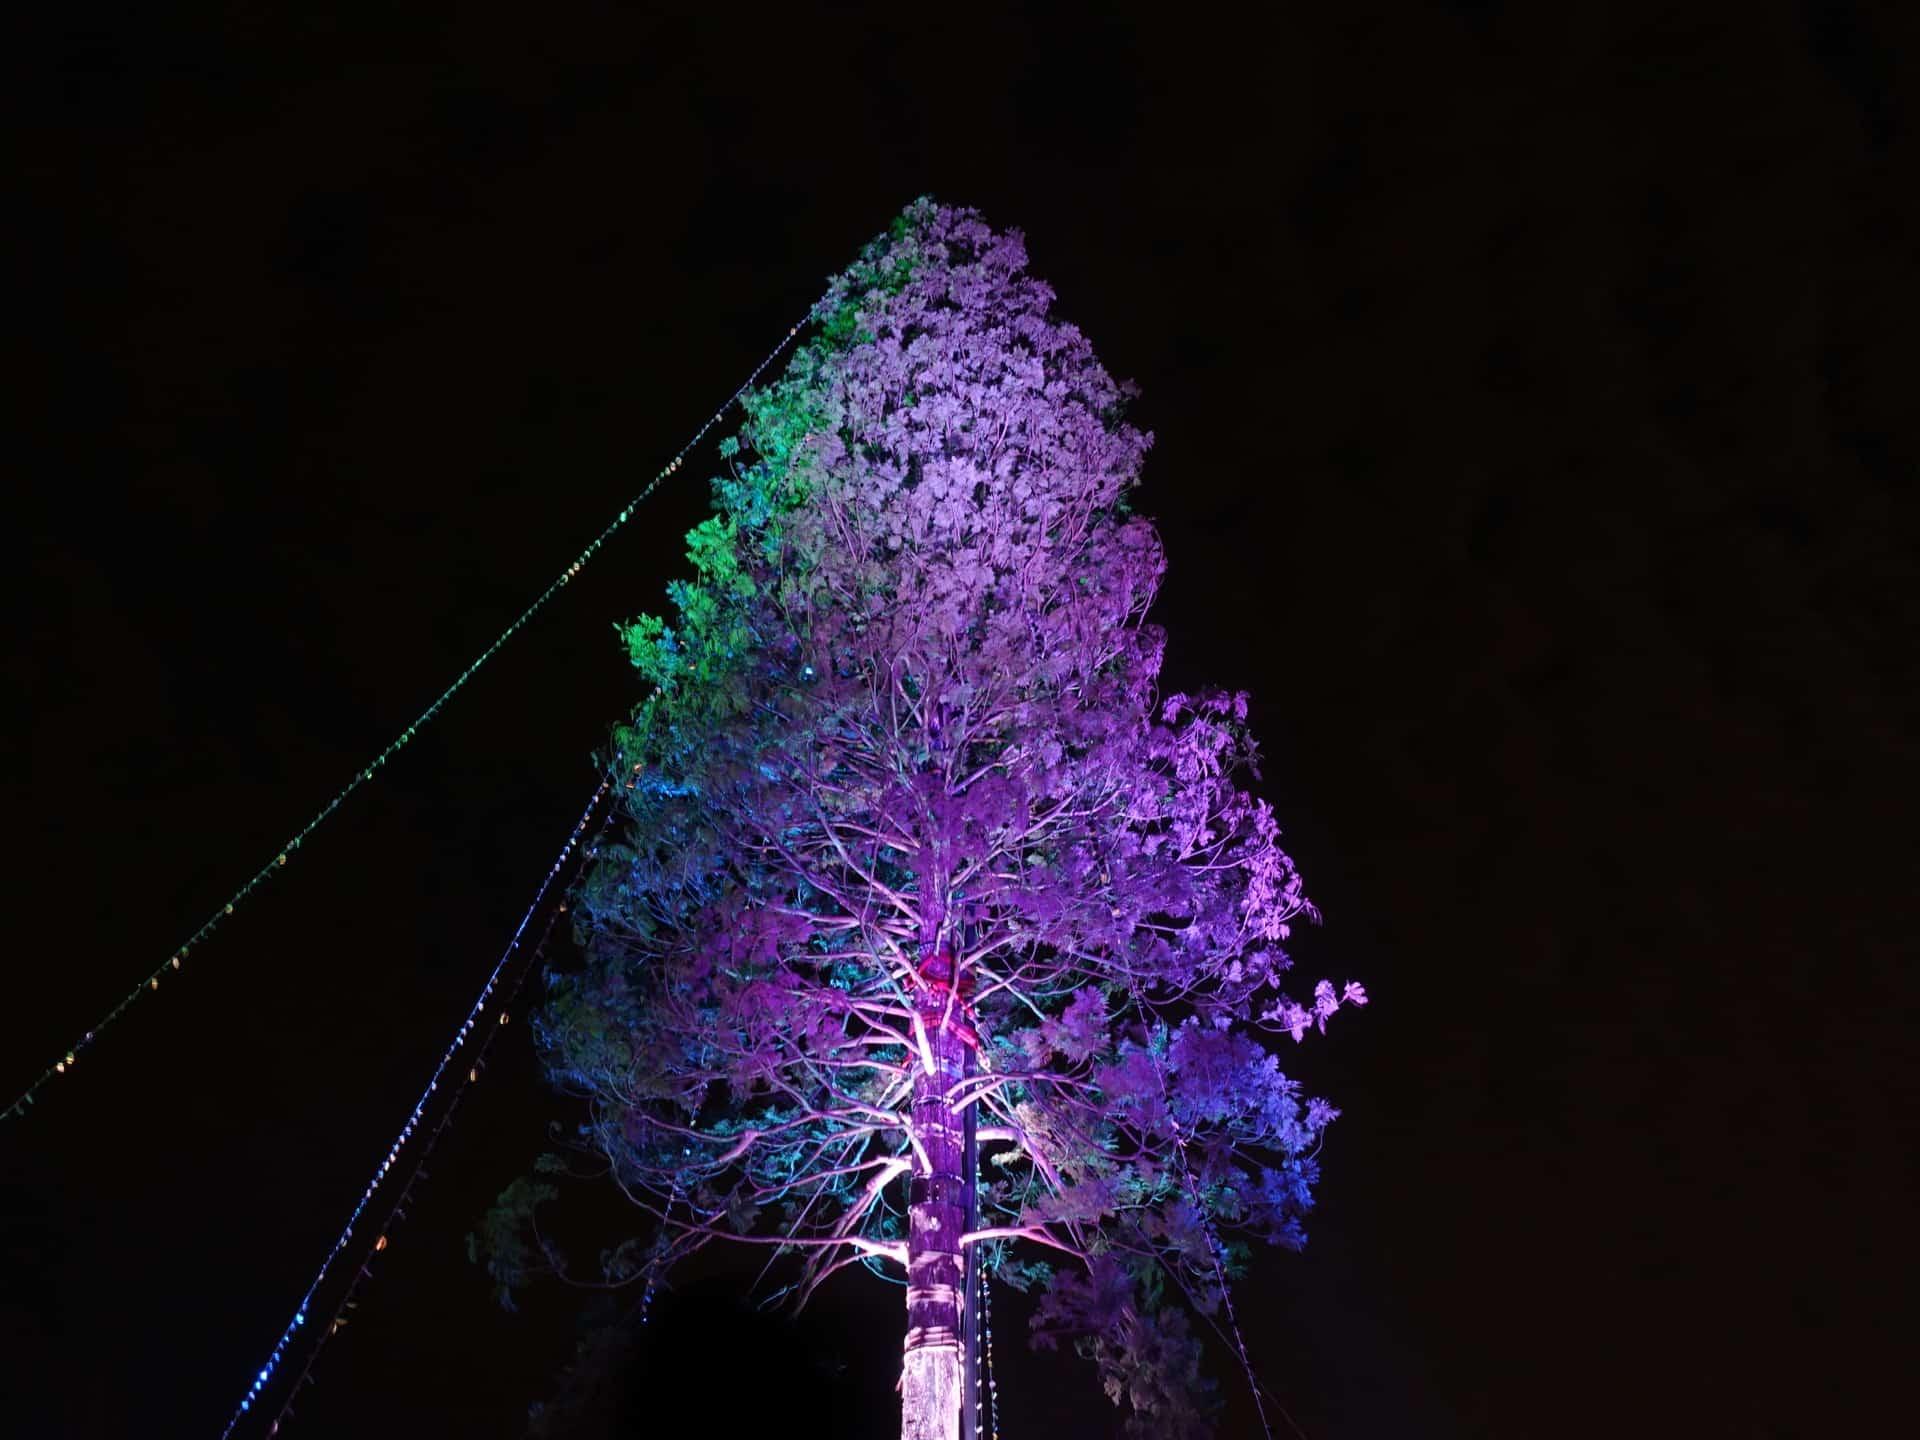 【レポ】槇原敬之さんのライブも!「世界一のクリスマスツリー」点灯式に行ってきたよ